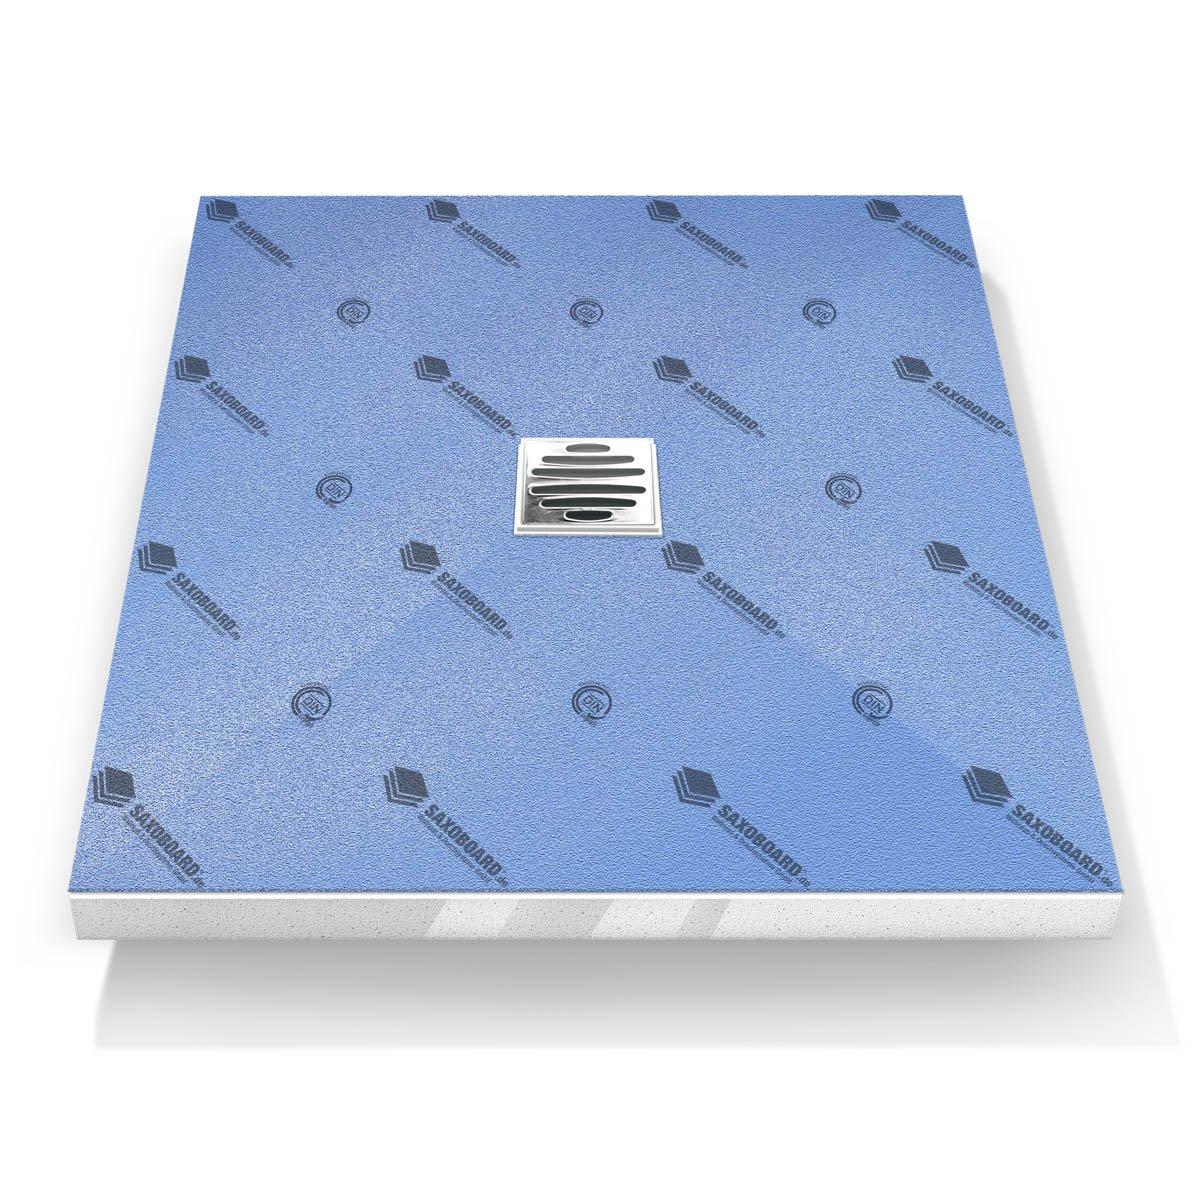 Befliesbares ebenerdiges Duschelement 100x100x4 cm   Kundenbewertungen